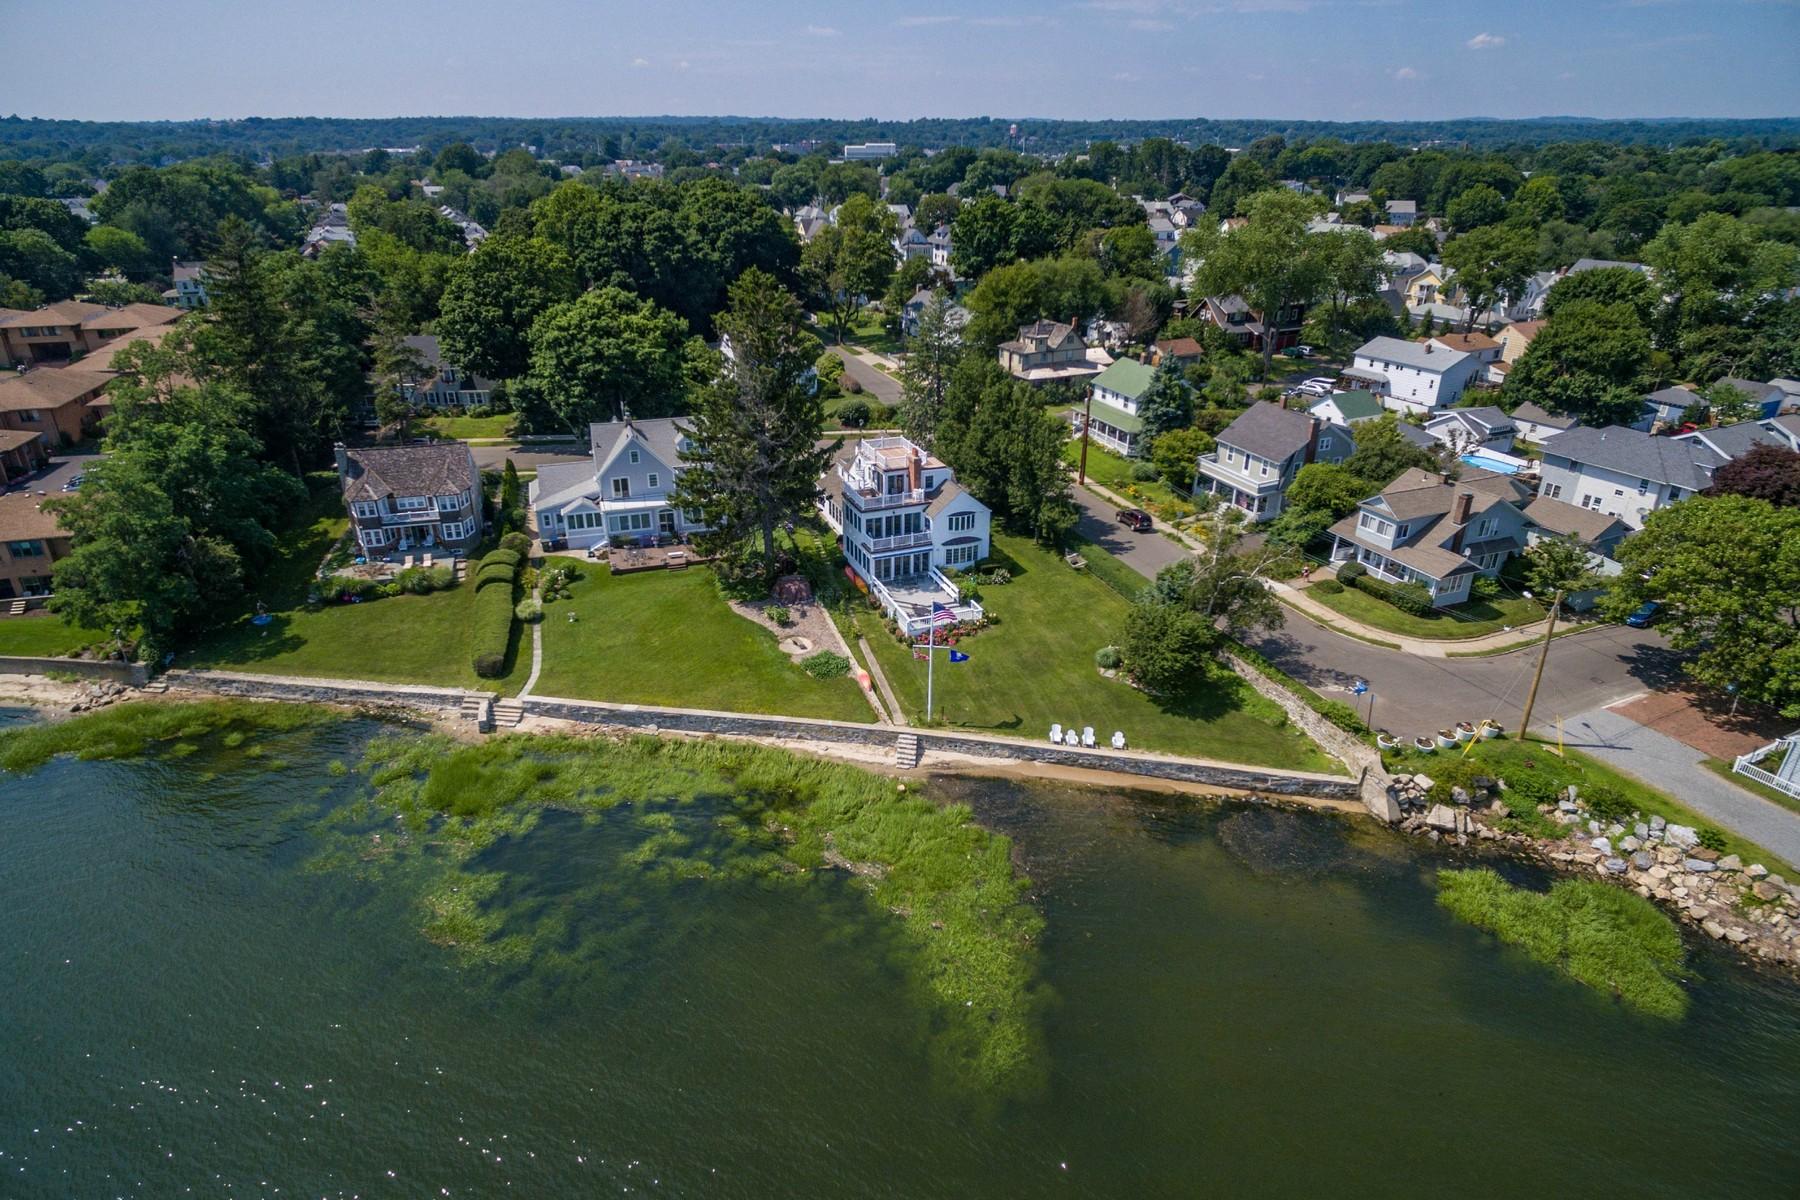 独户住宅 为 销售 在 37 Beacon Street Bridgeport, 康涅狄格州 06605 美国